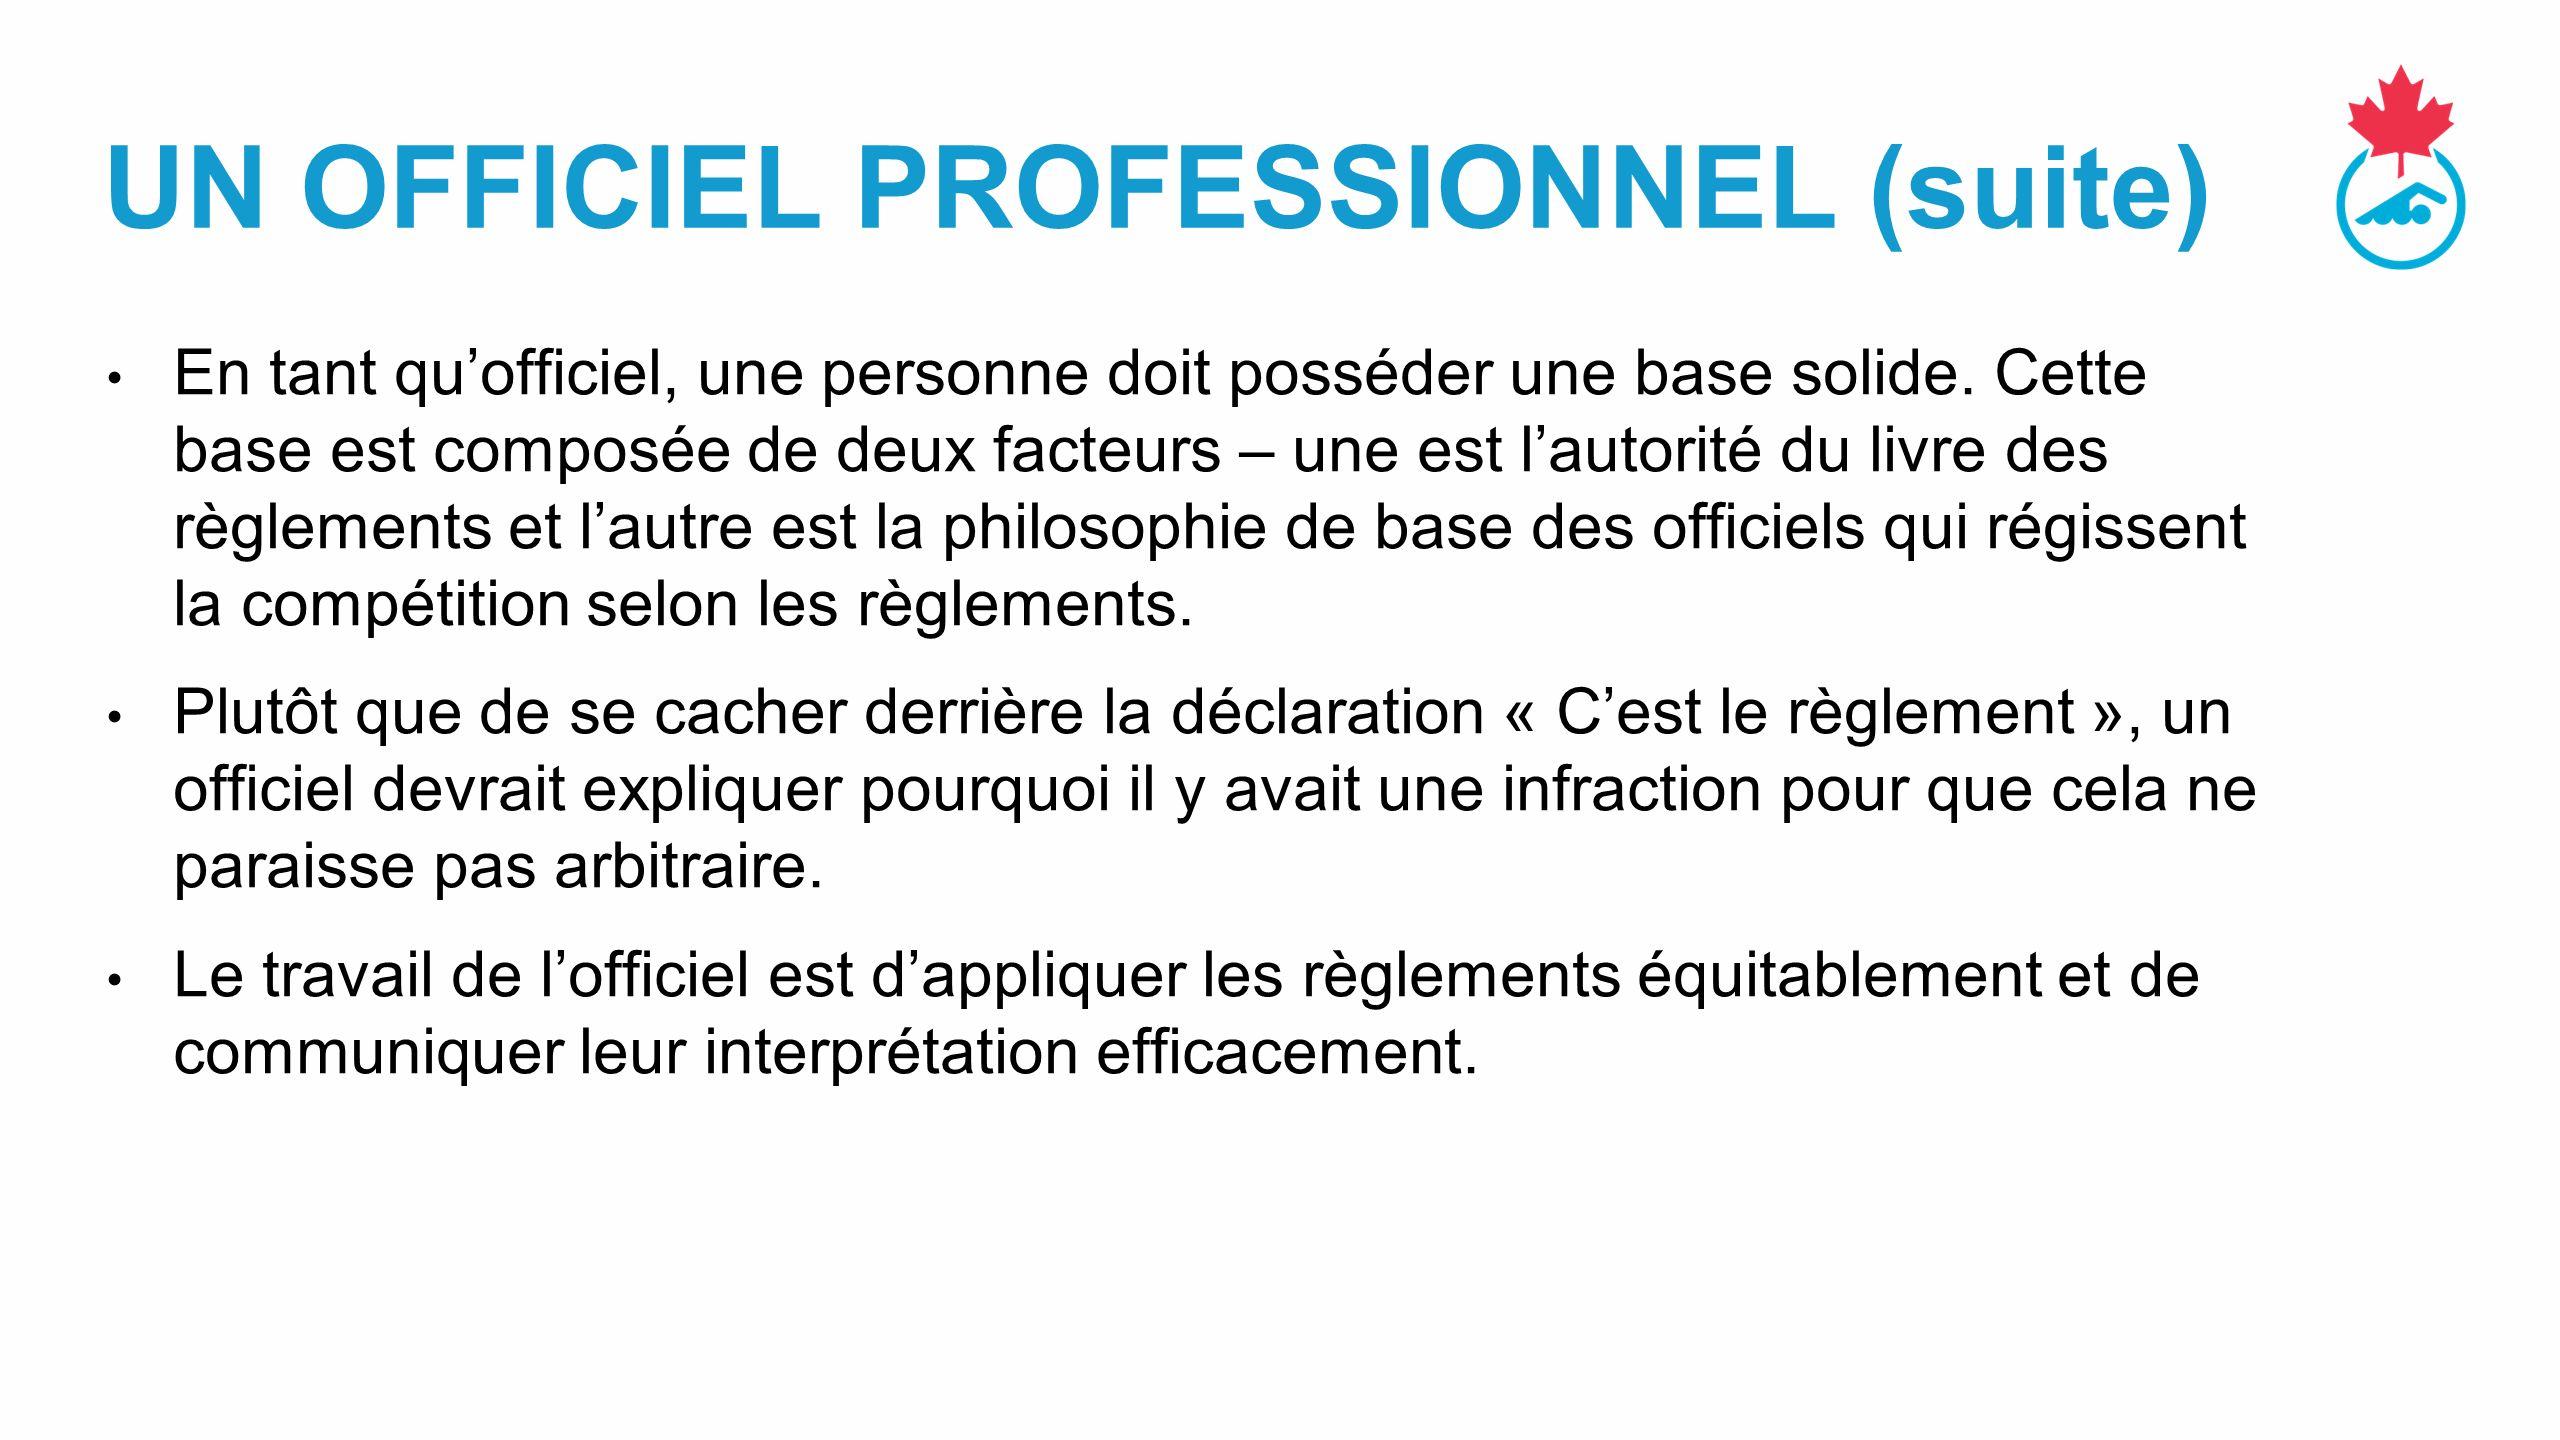 UN OFFICIEL PROFESSIONNEL (suite) En tant qu'officiel, une personne doit posséder une base solide.